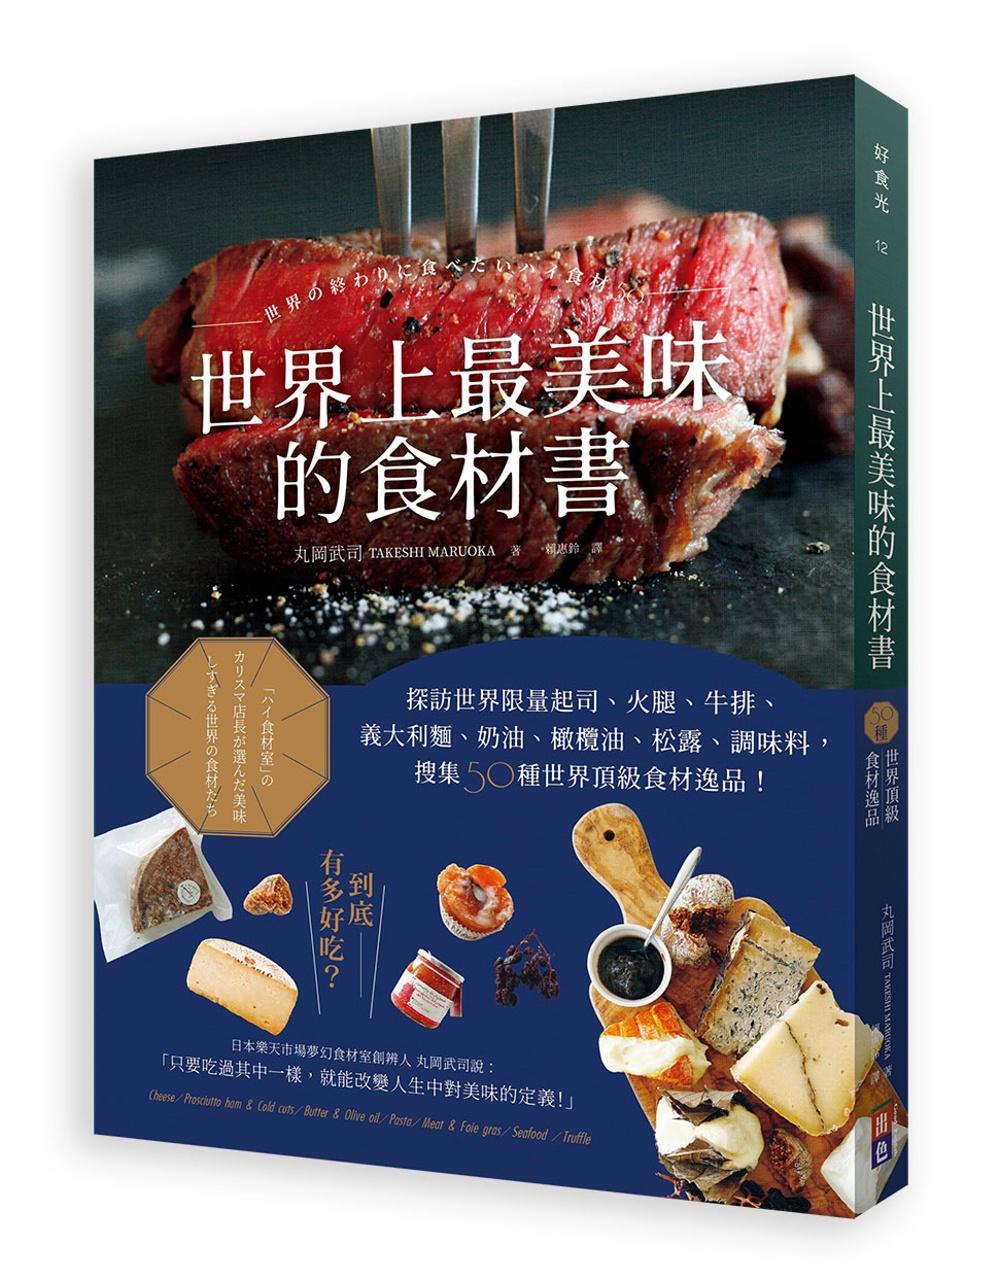 世界上最美味的食材書:探訪世界限量起司、火腿、牛排、義大利麵、奶油、橄欖油,搜集50種世界頂級食材逸品!